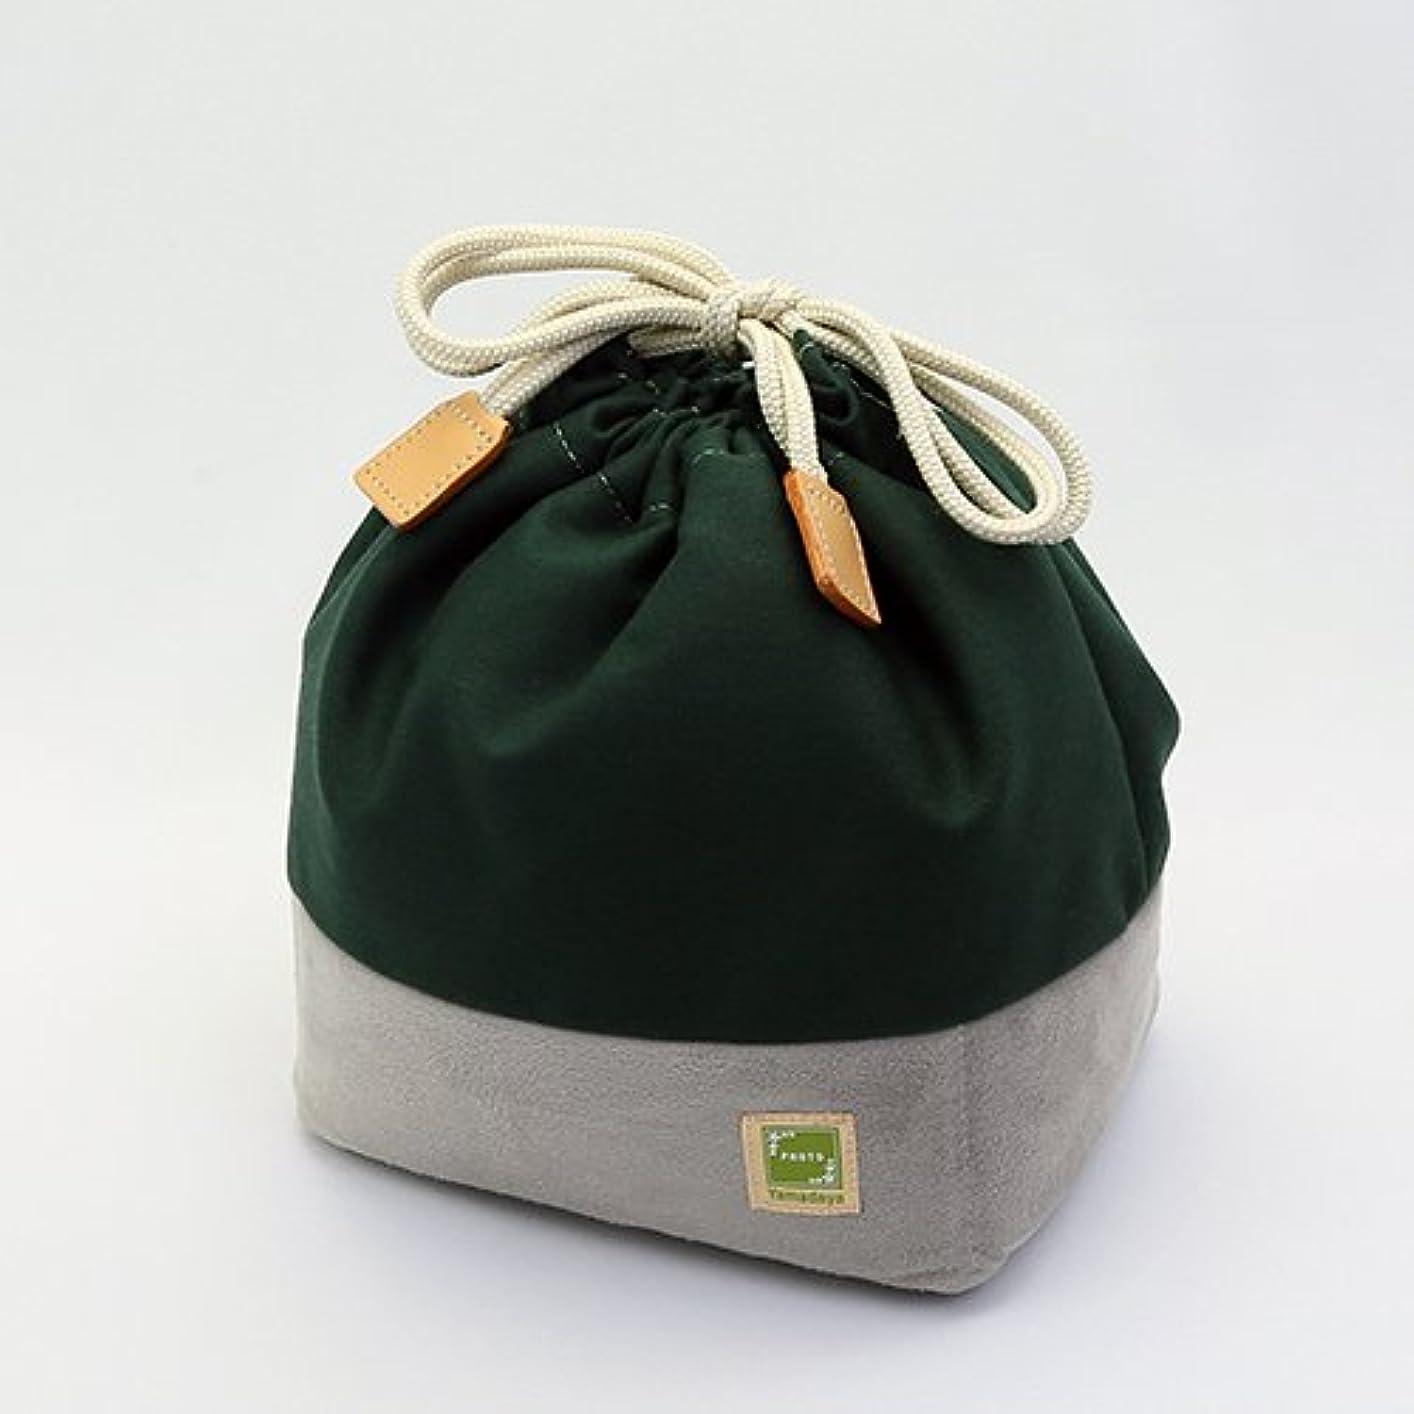 地雷原松の木日本製 カメラ巾着バッグ 小型一眼レフサイズ 帆布カメラきんちゃく袋L (オリーブ)